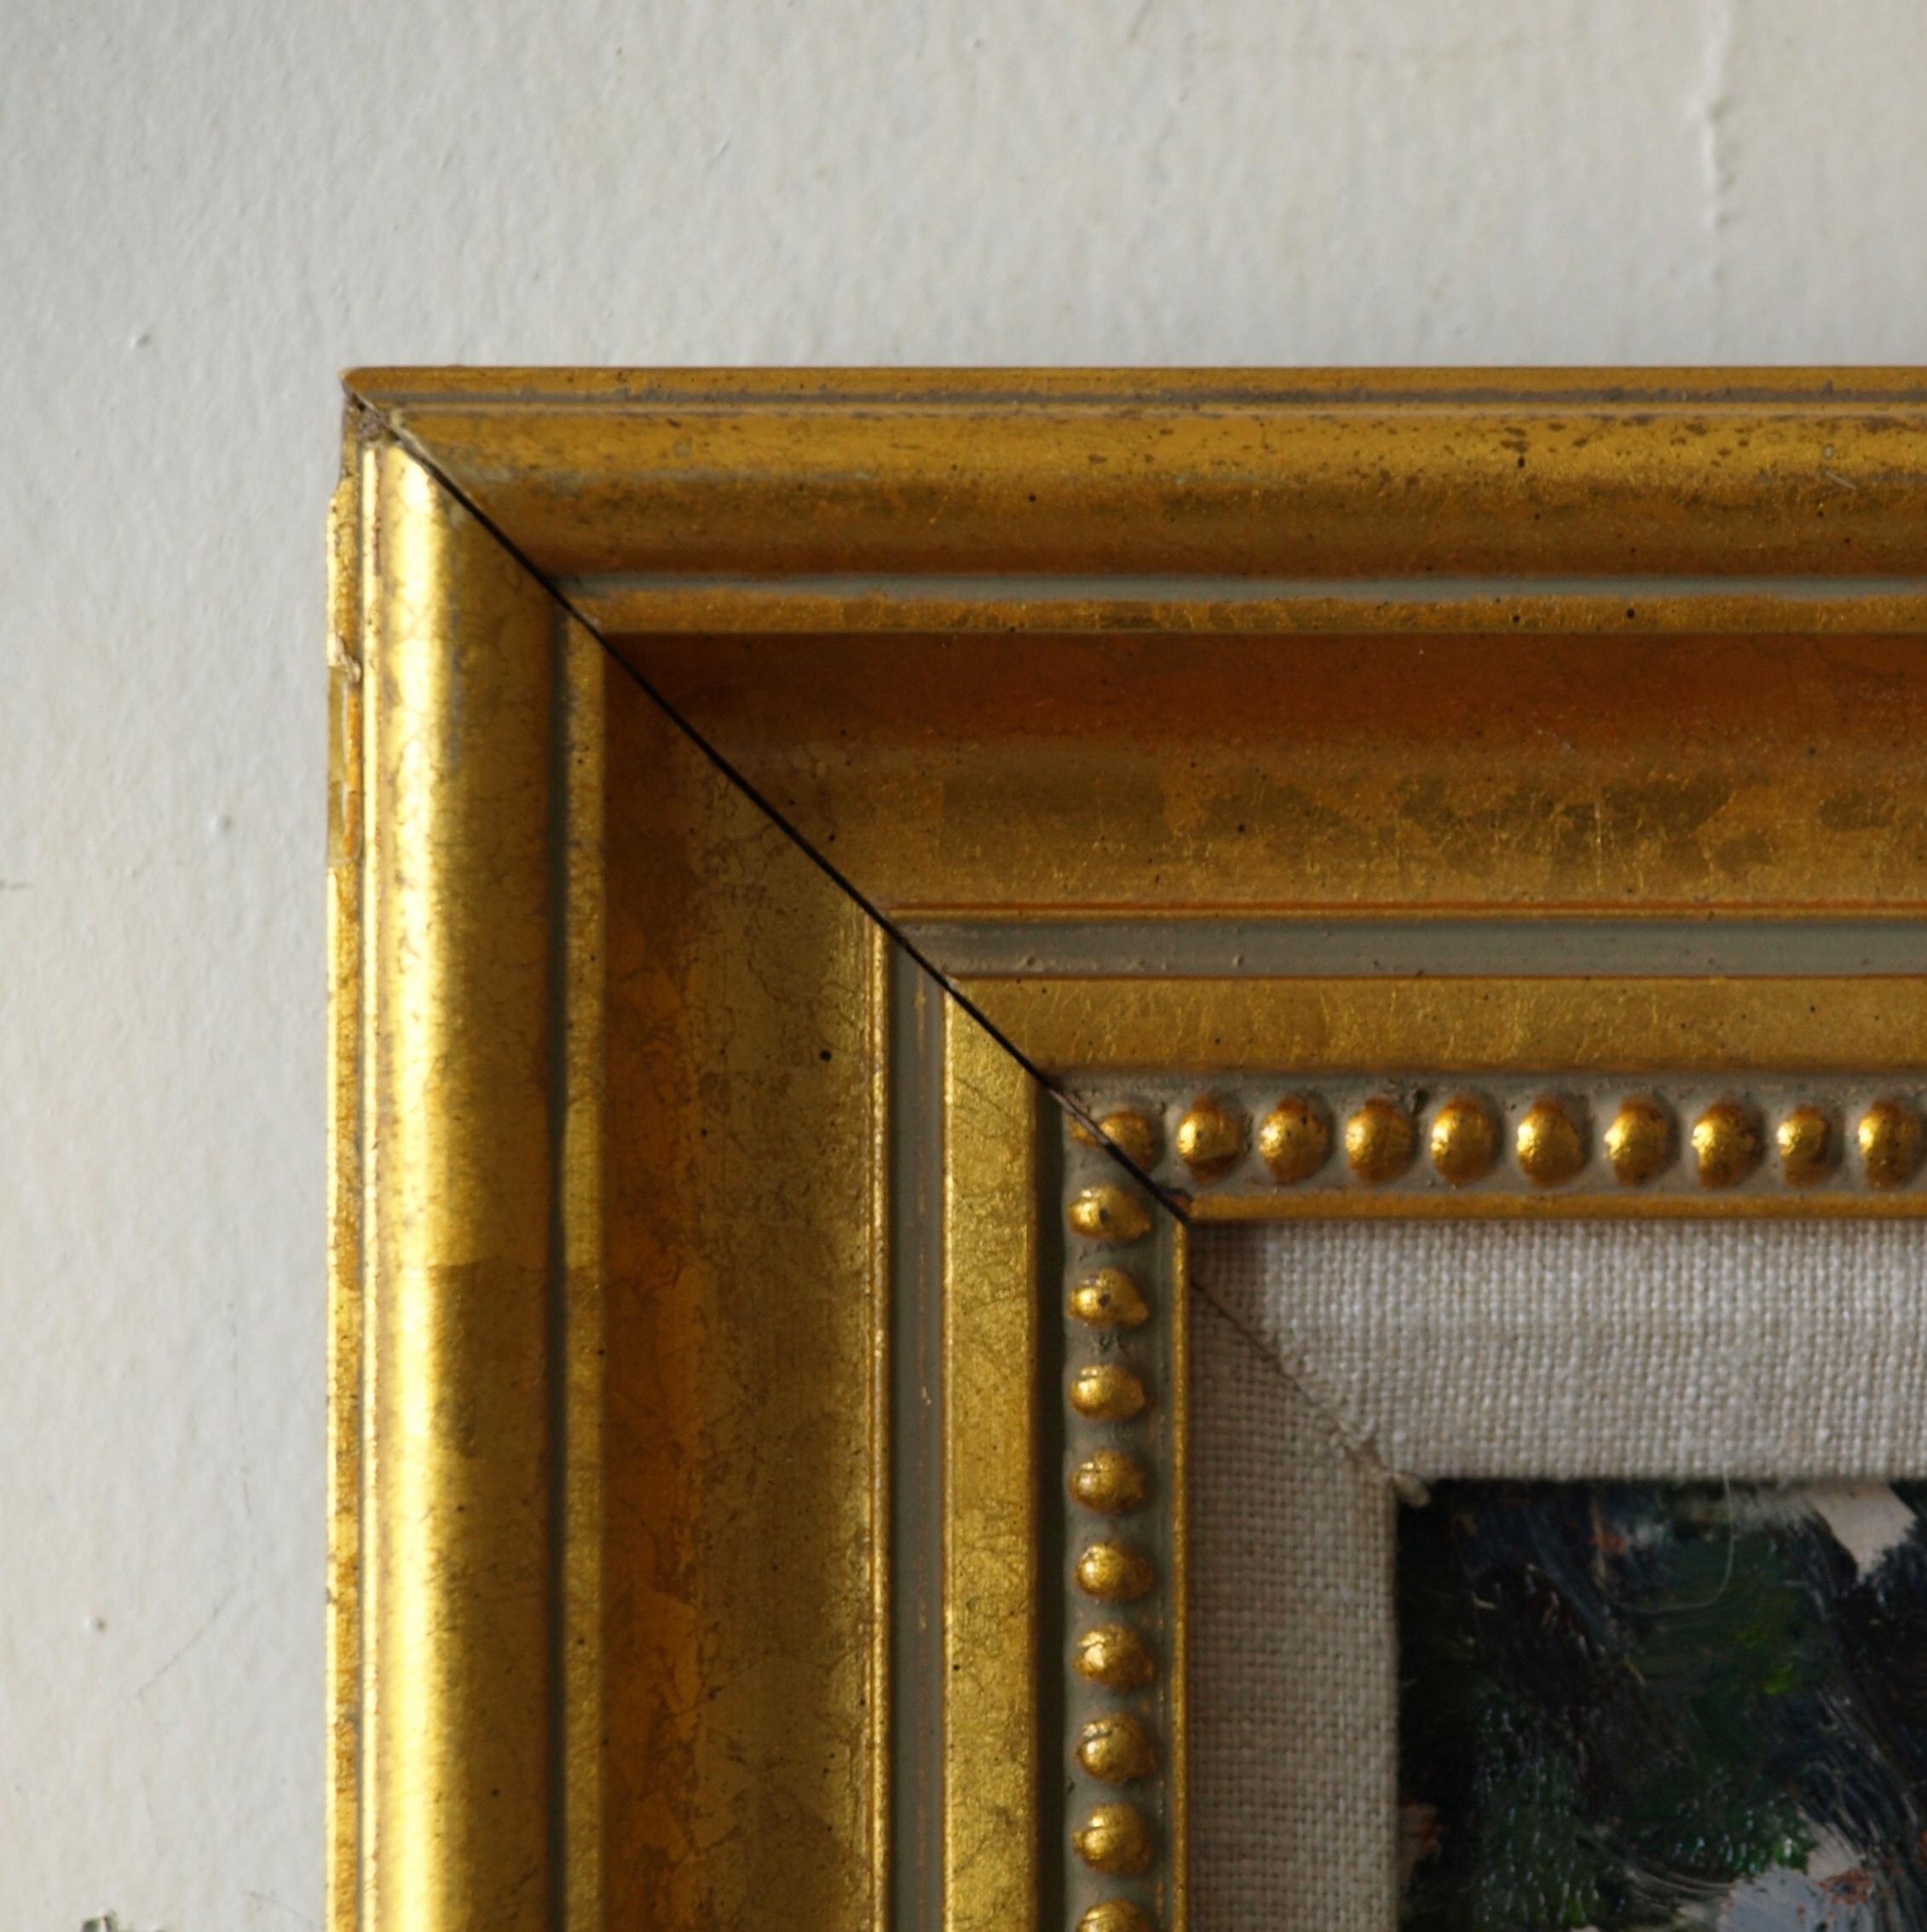 Gold Frame - Beaded Inside